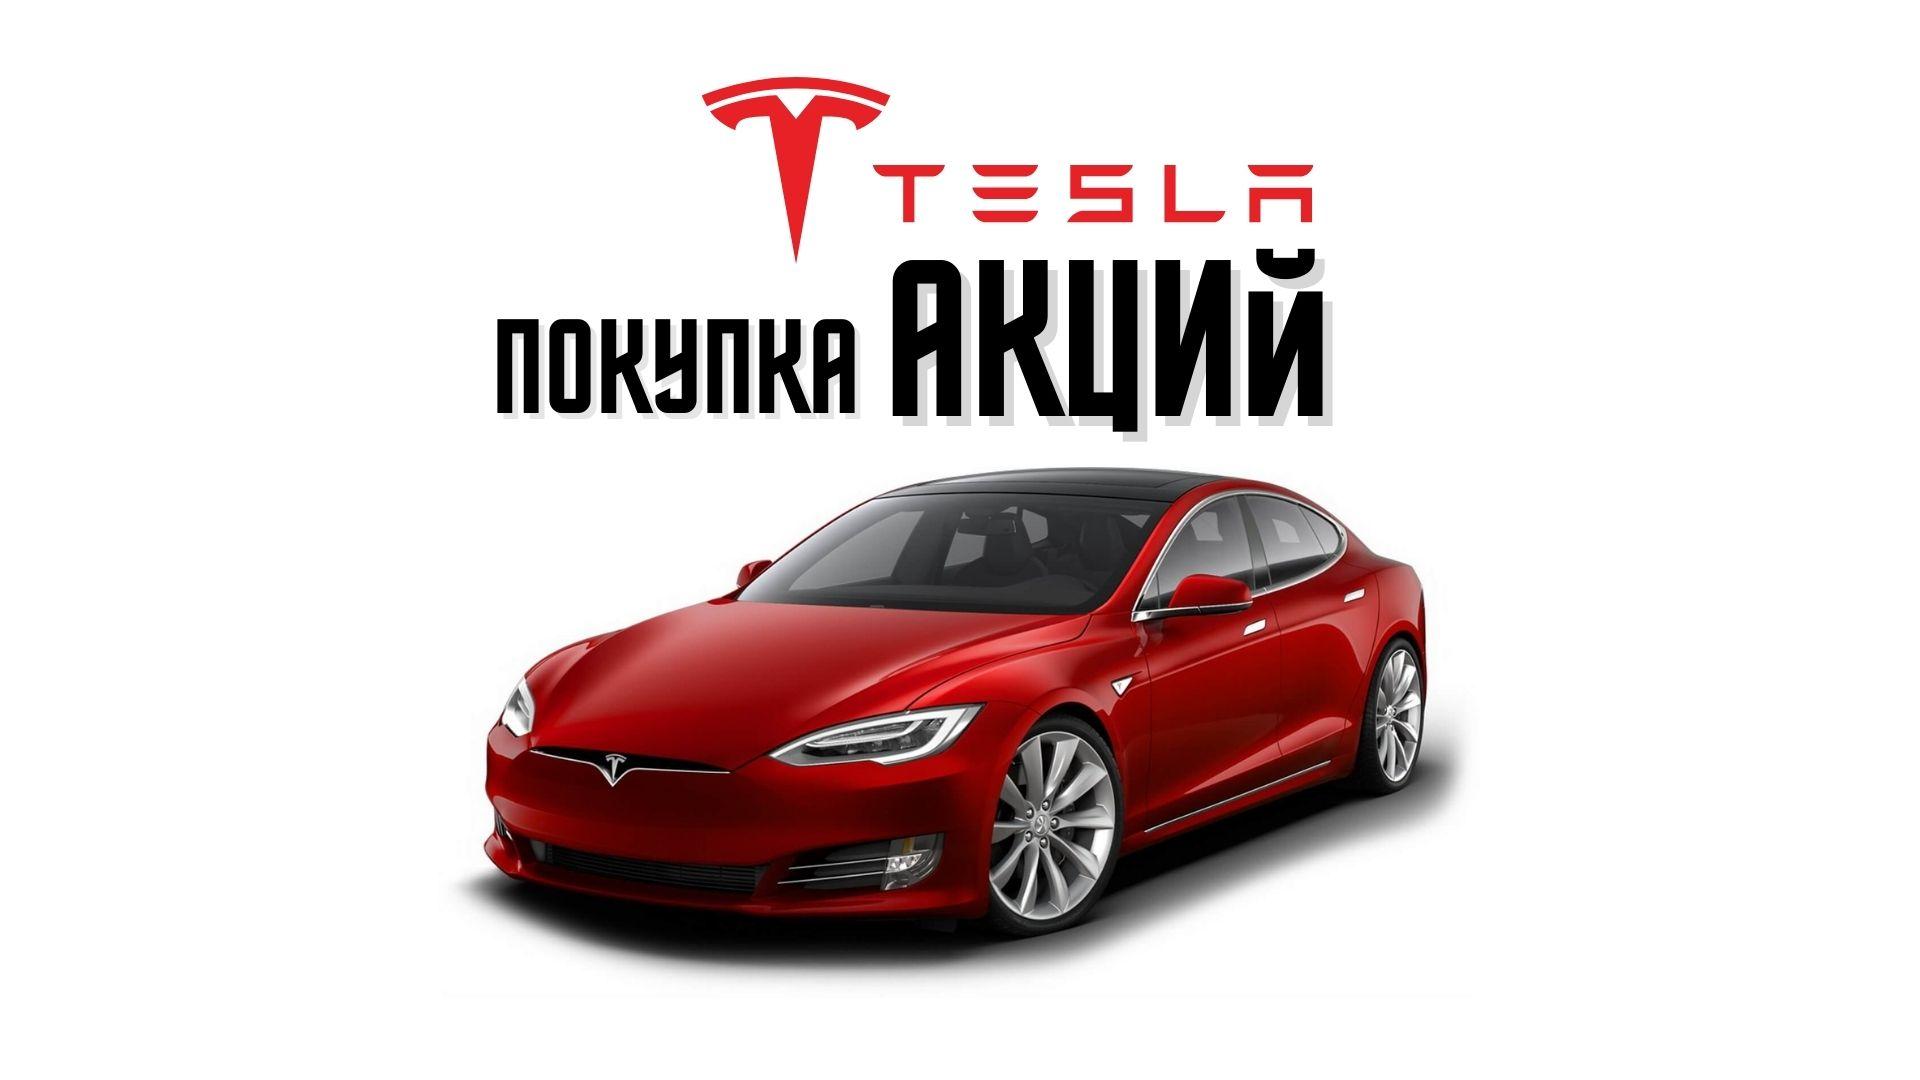 Как купить Акции Тесла в России физическому лицу